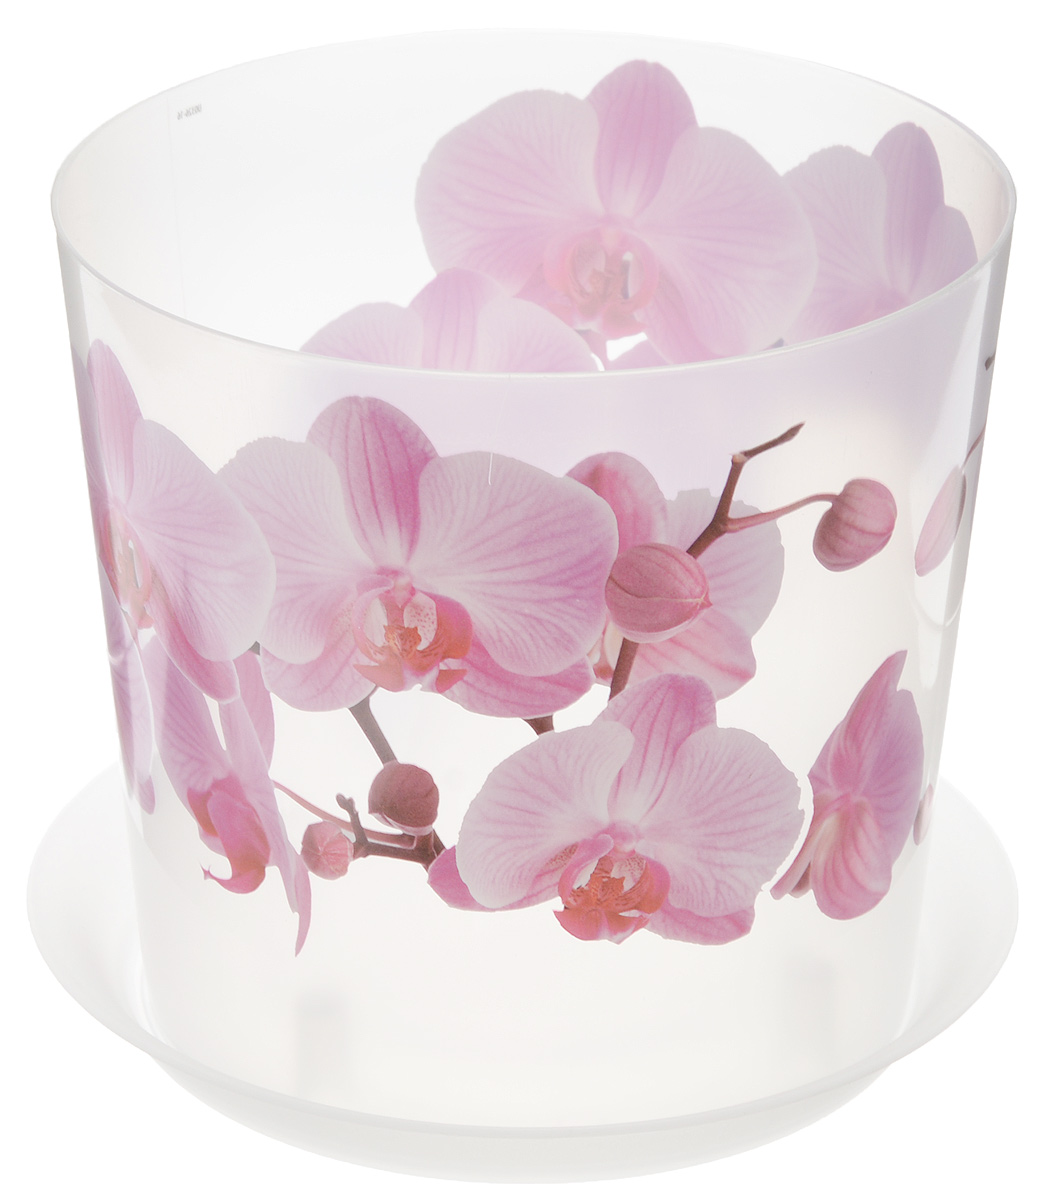 Кашпо Idea Деко, с подставкой, цвет: прозрачный, розовый, 2,4 л кашпо idea верона с подставкой цвет белый диаметр 18 см